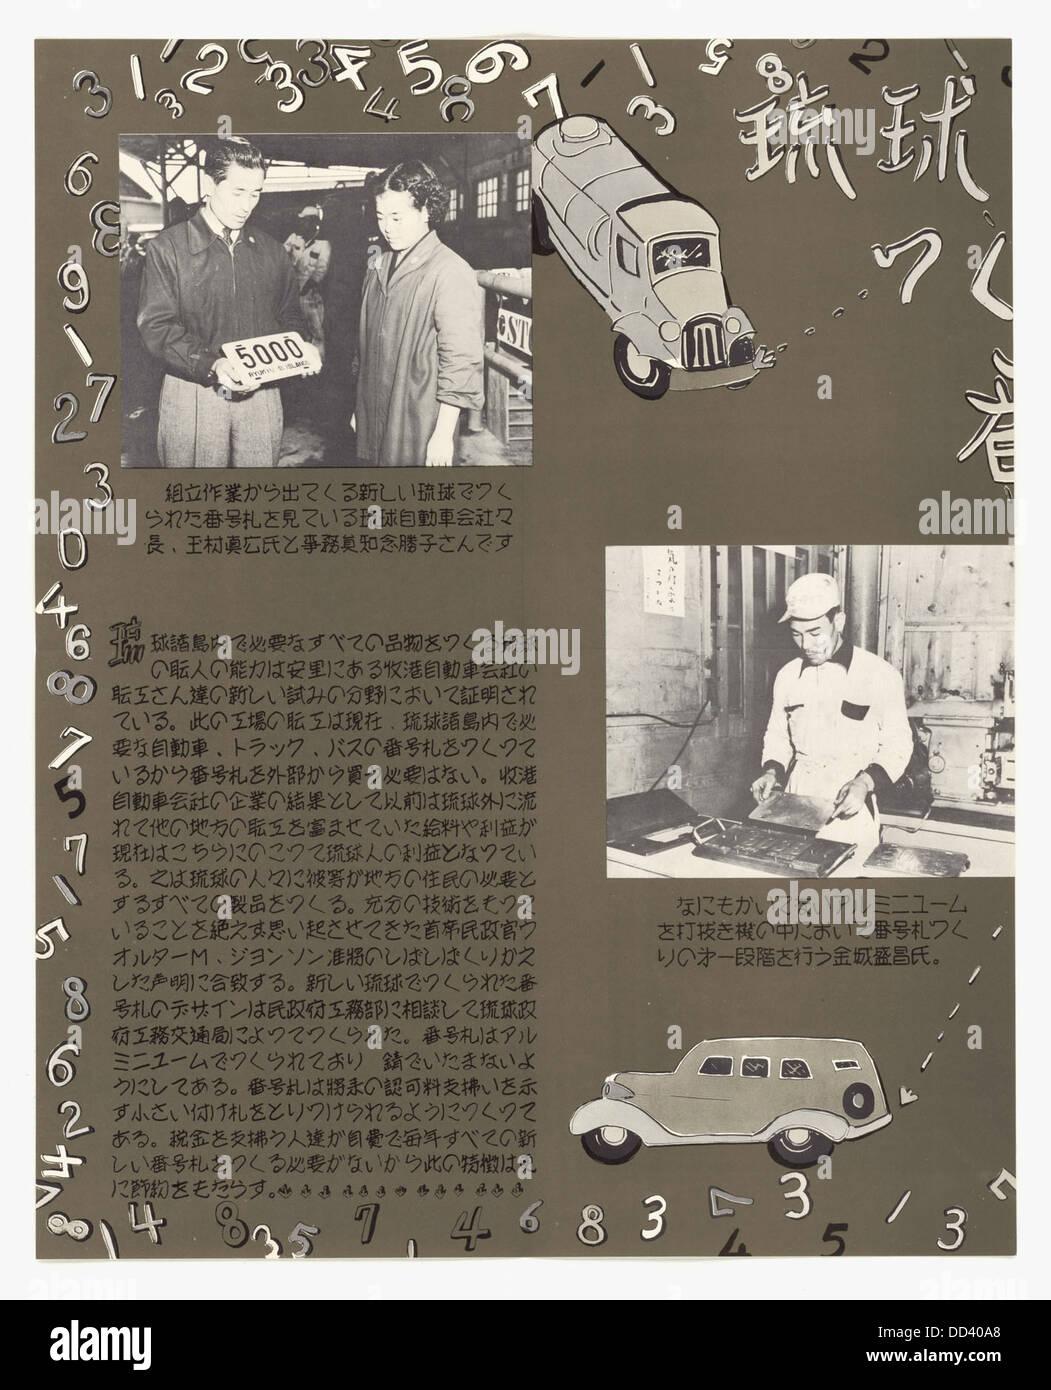 Ryukyuan-Made License Tags - - 5730069 - Stock Image